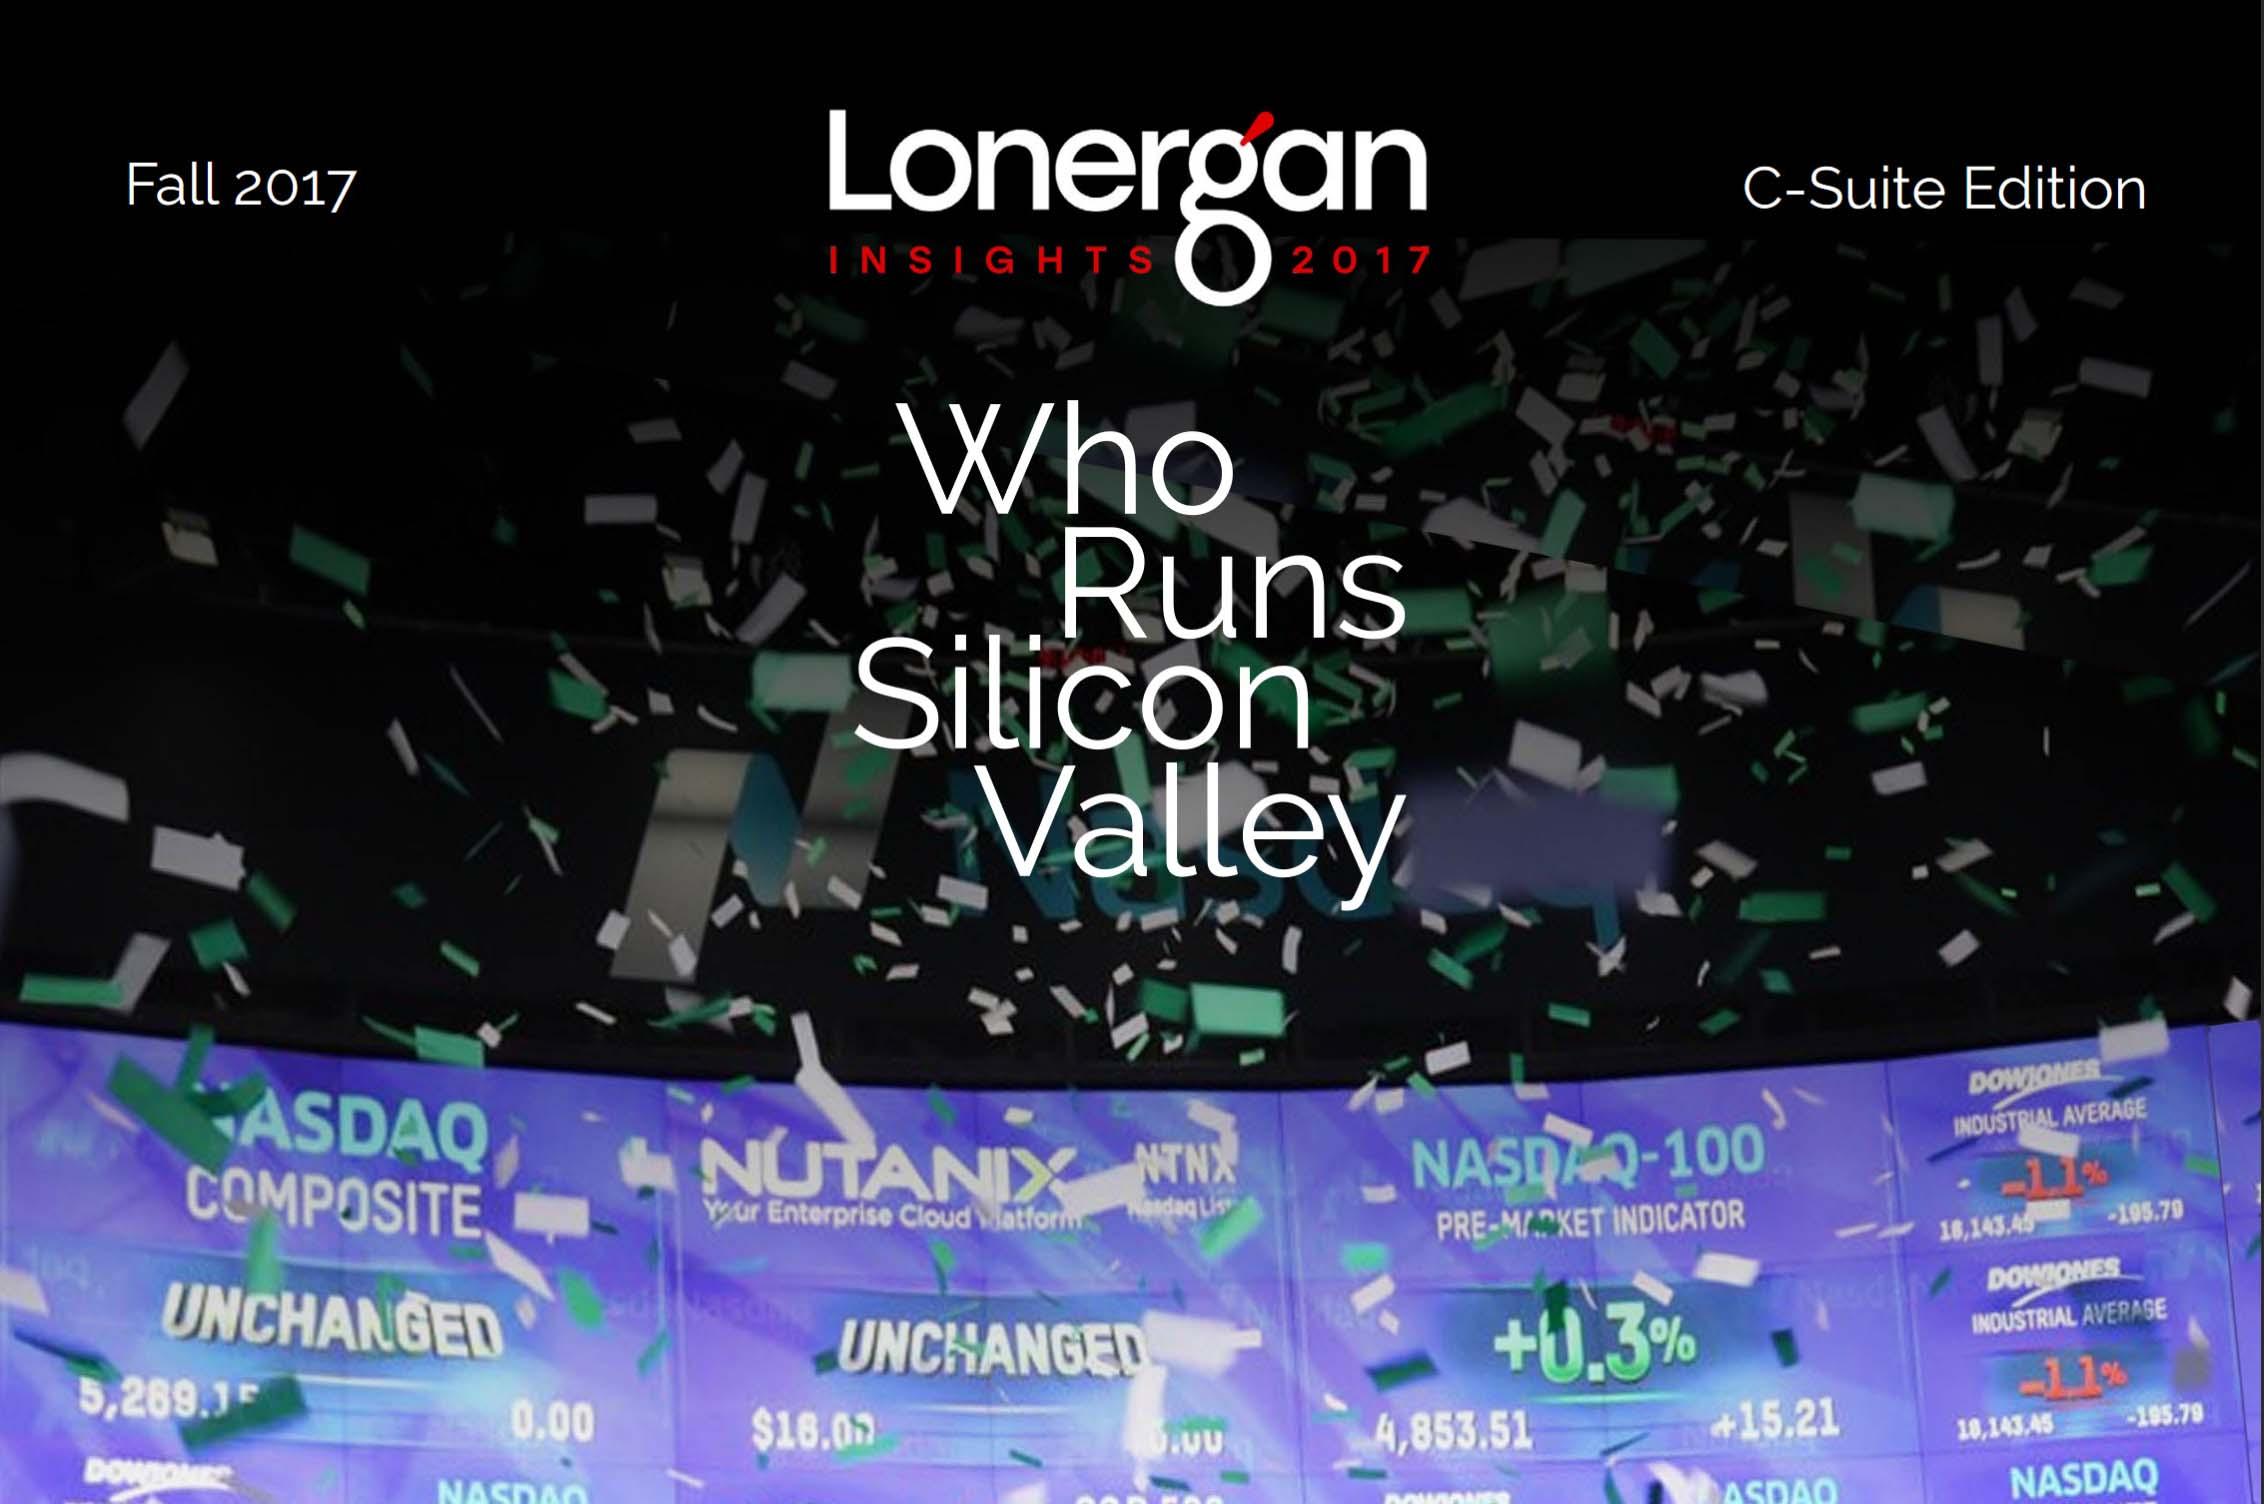 Who Runs Silicon Valley